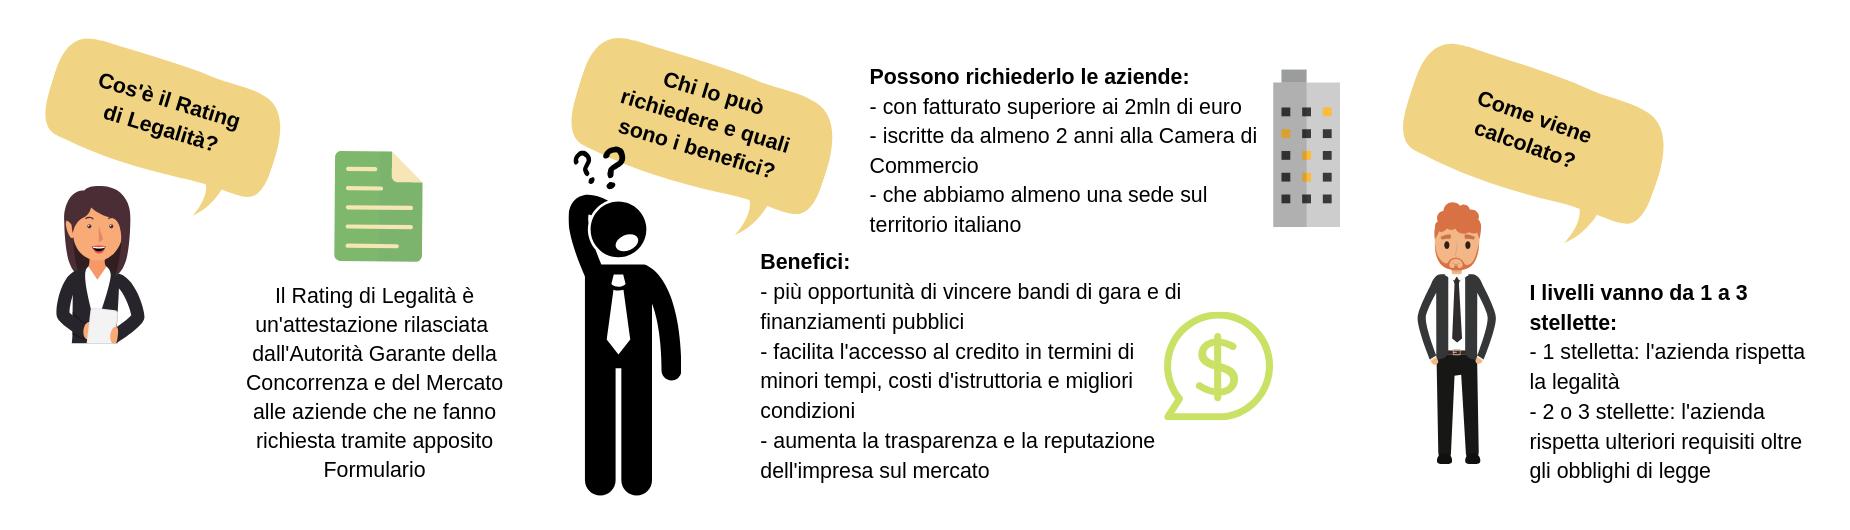 ratingdilegalità_infografica_bilanciarsi